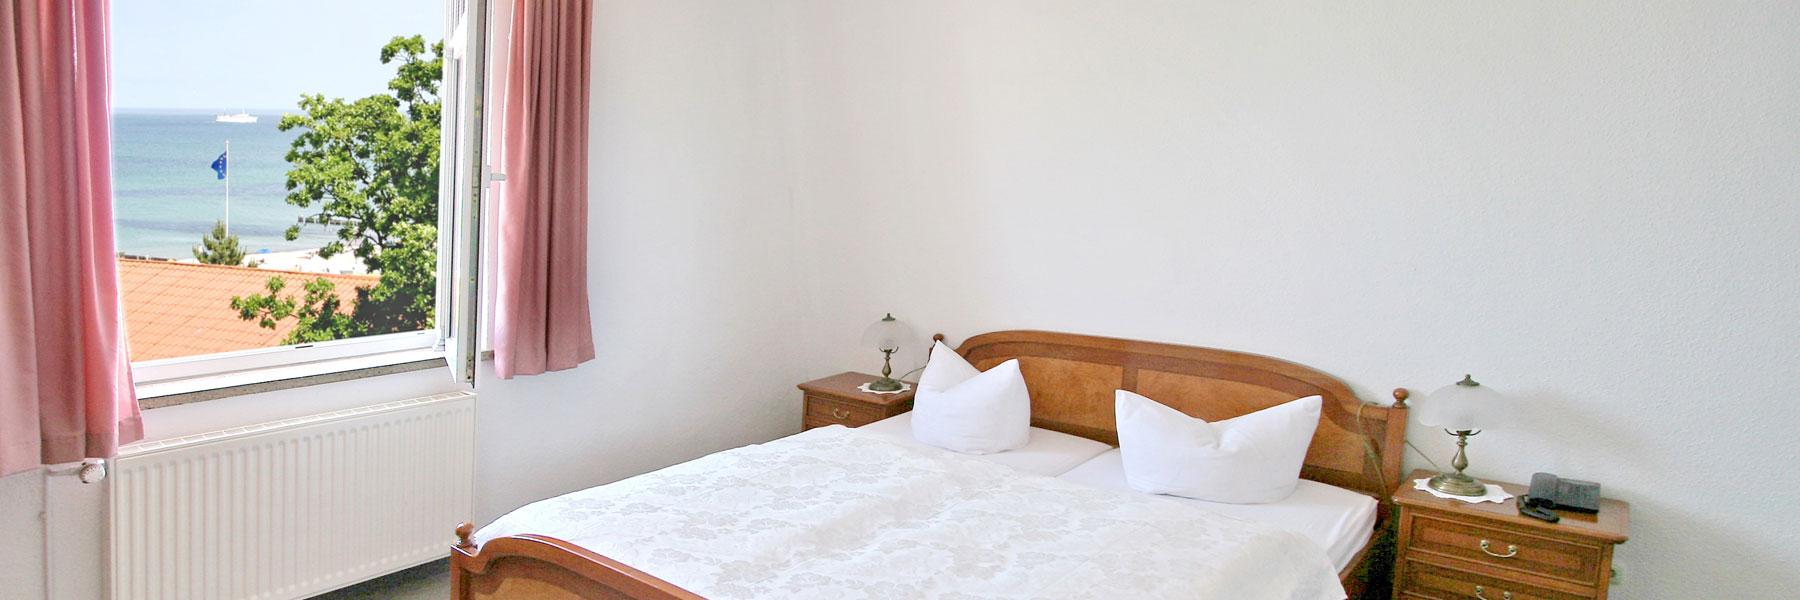 Zimmeransicht - Hotel Garni Esplanade